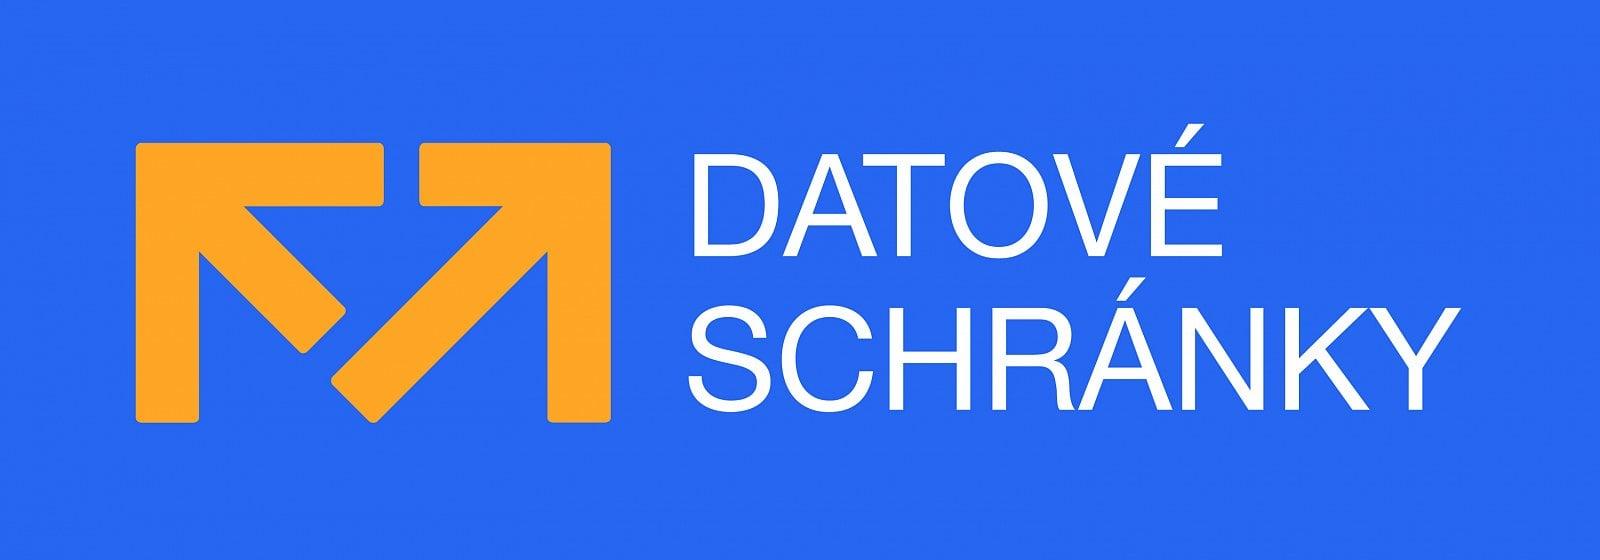 Datové schránky mají nové logo.